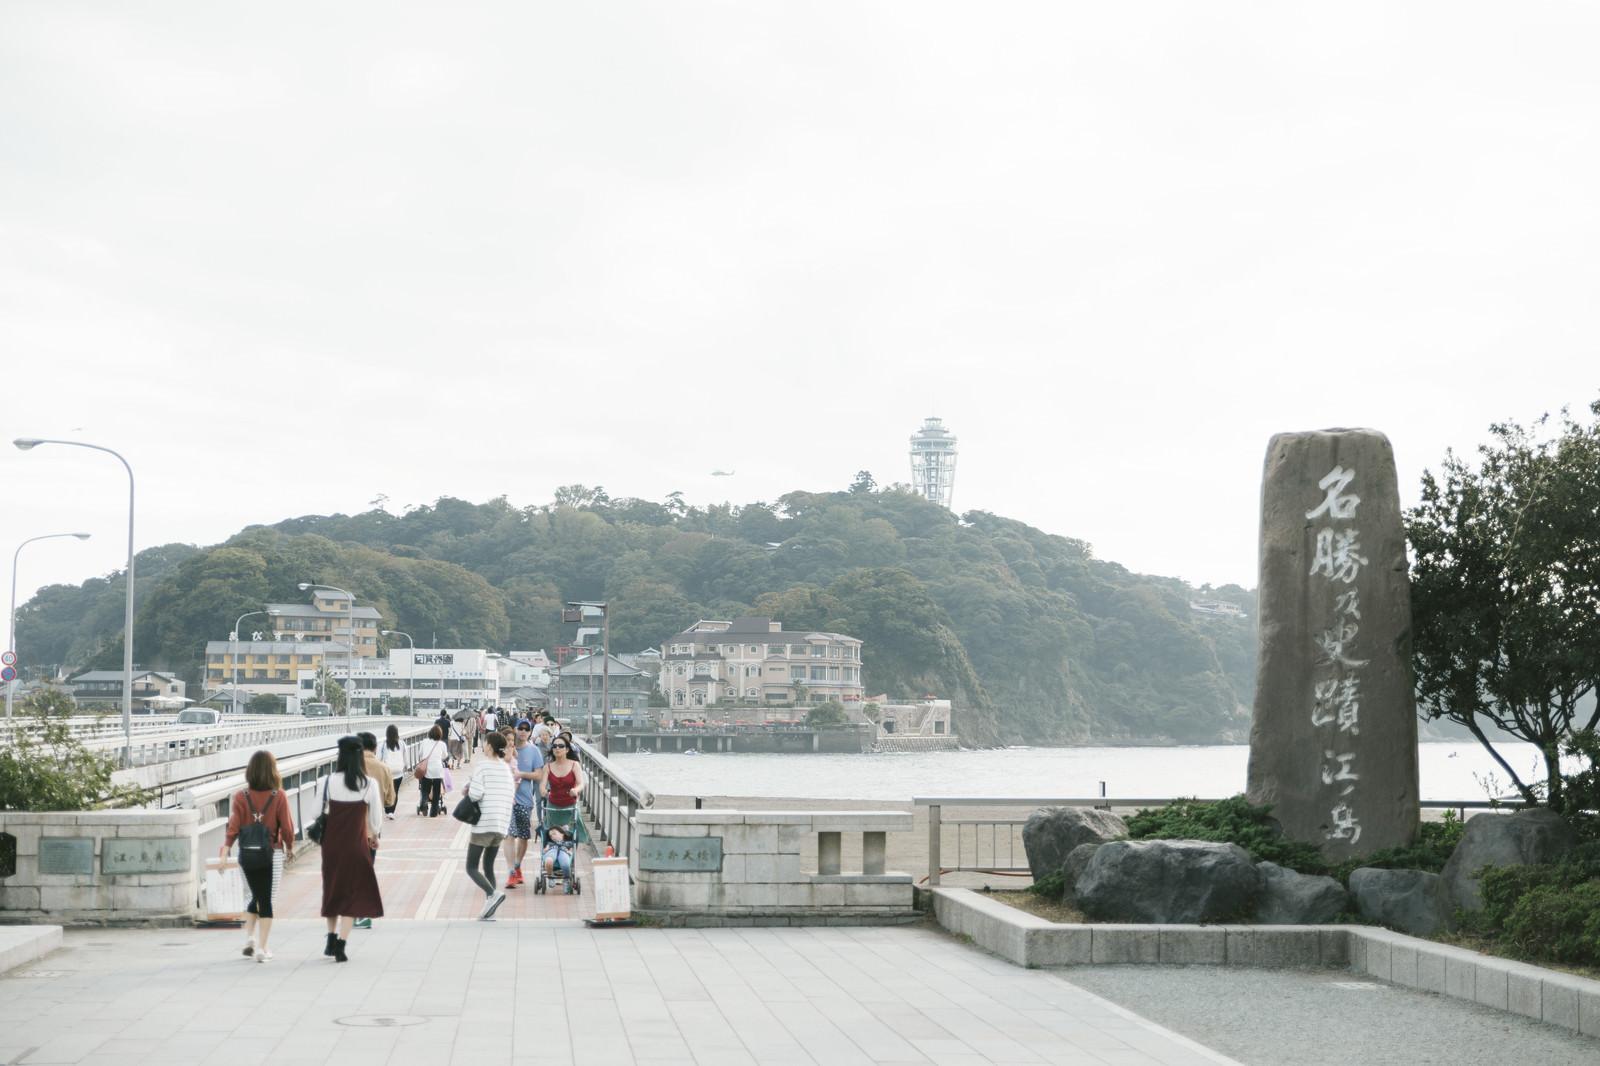 「江ノ島大橋と観光客の往来」の写真